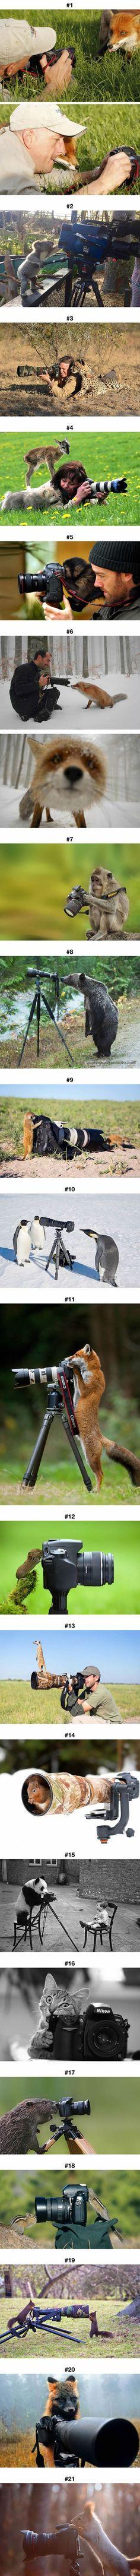 Katso kuva tästä! Naurunappula tarjoaa hauskimmat kuvat, videot ja linkit - joka päivä jotain uutta.